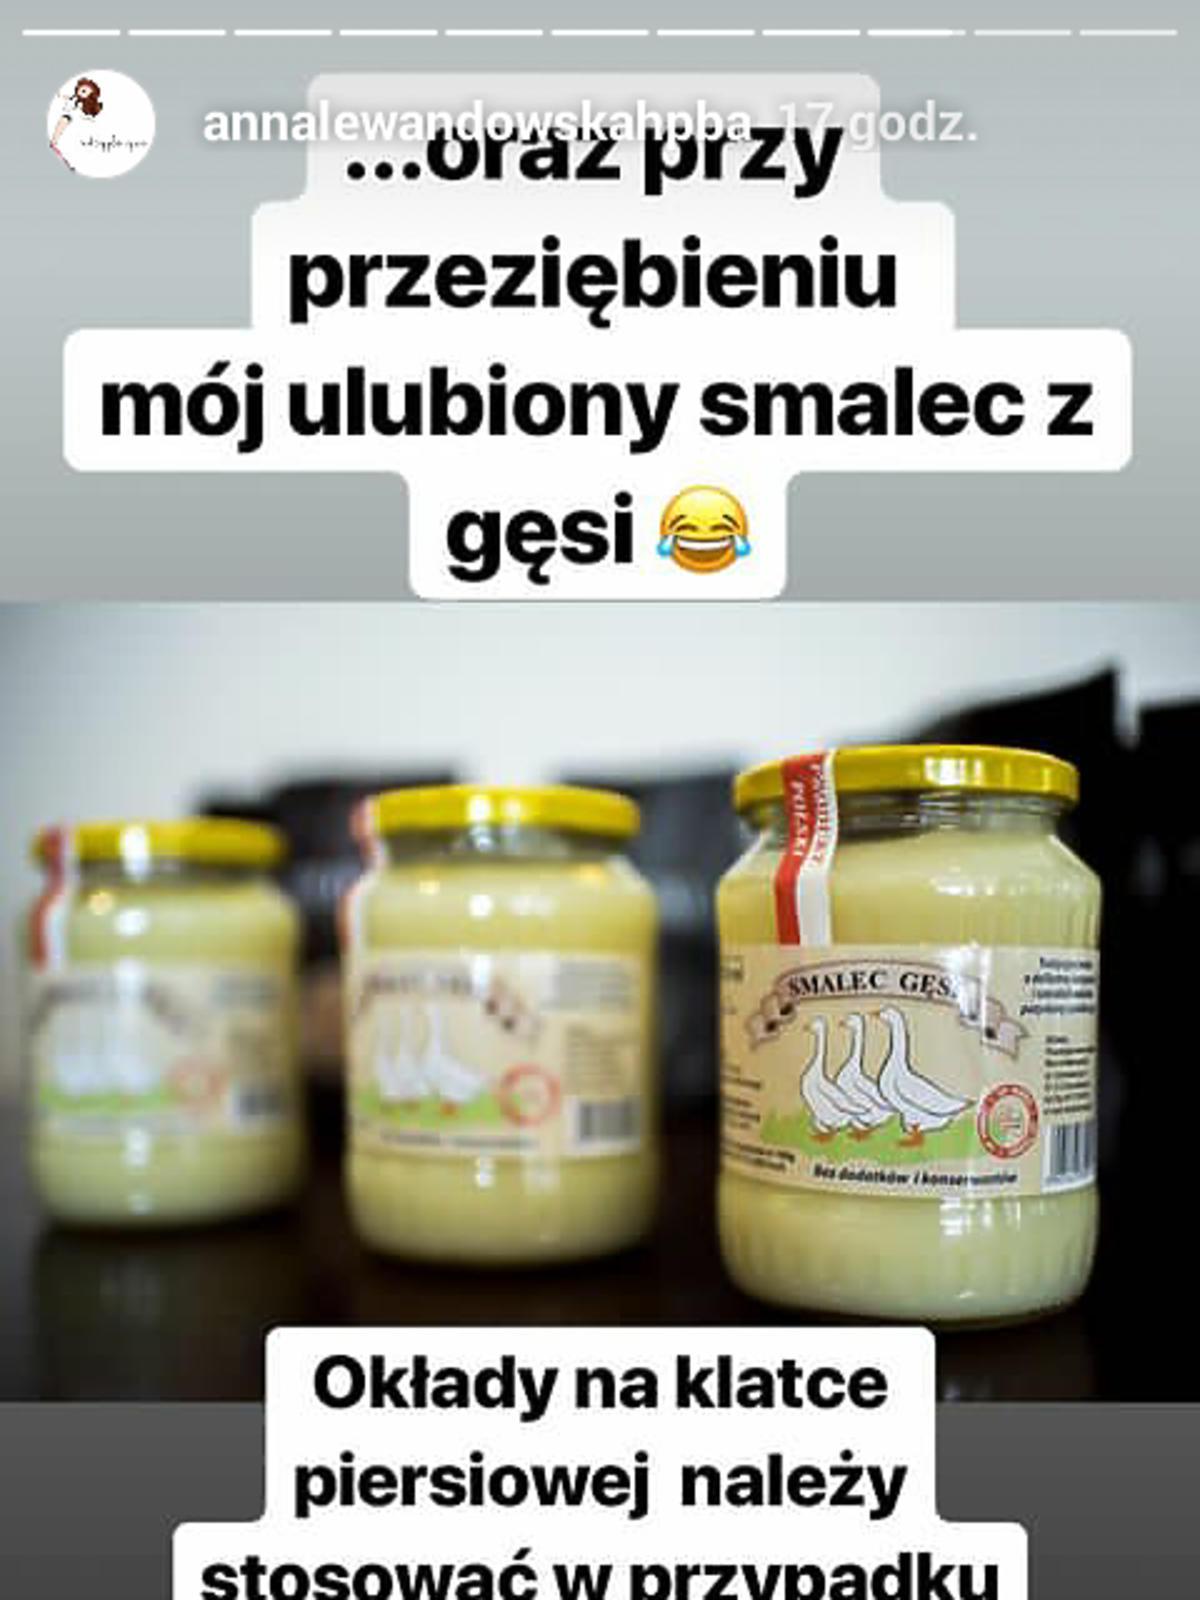 Anna Lewandowska żartuje ze smalcu z gęsi